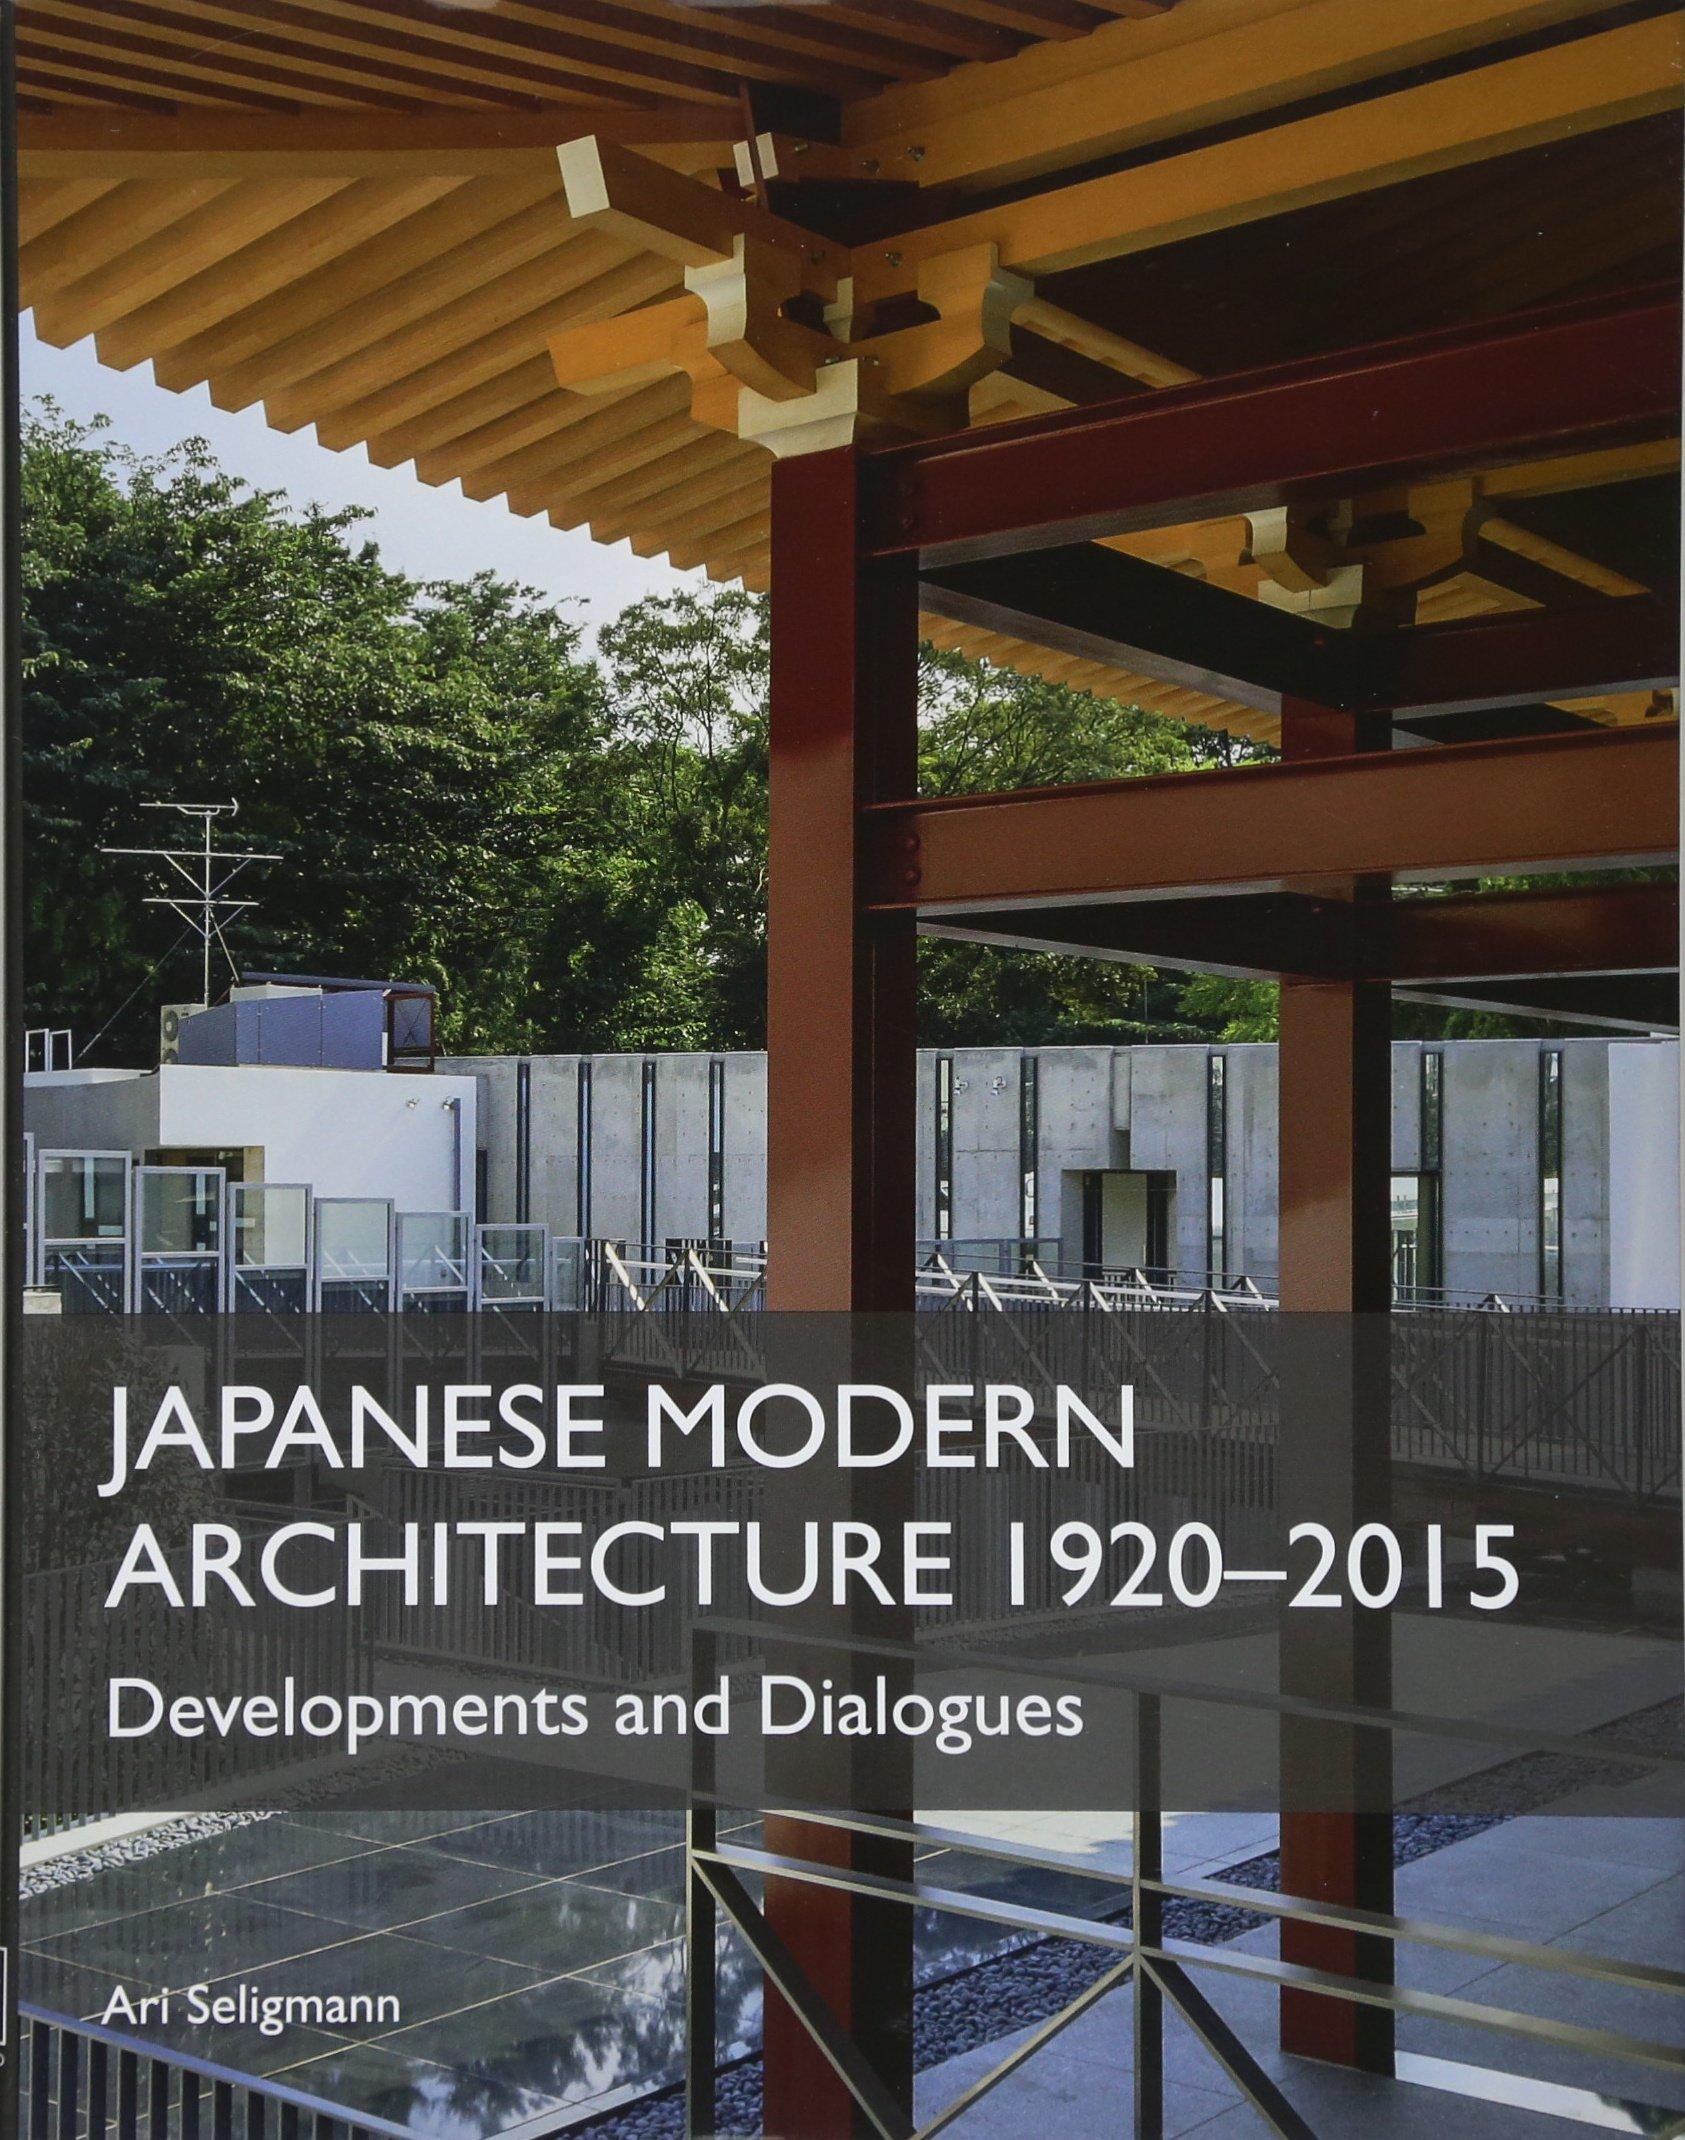 Japanese Modern Architecture 1920-2015: Developments and Dialogues: Amazon.es: Seligmann, Ari: Libros en idiomas extranjeros